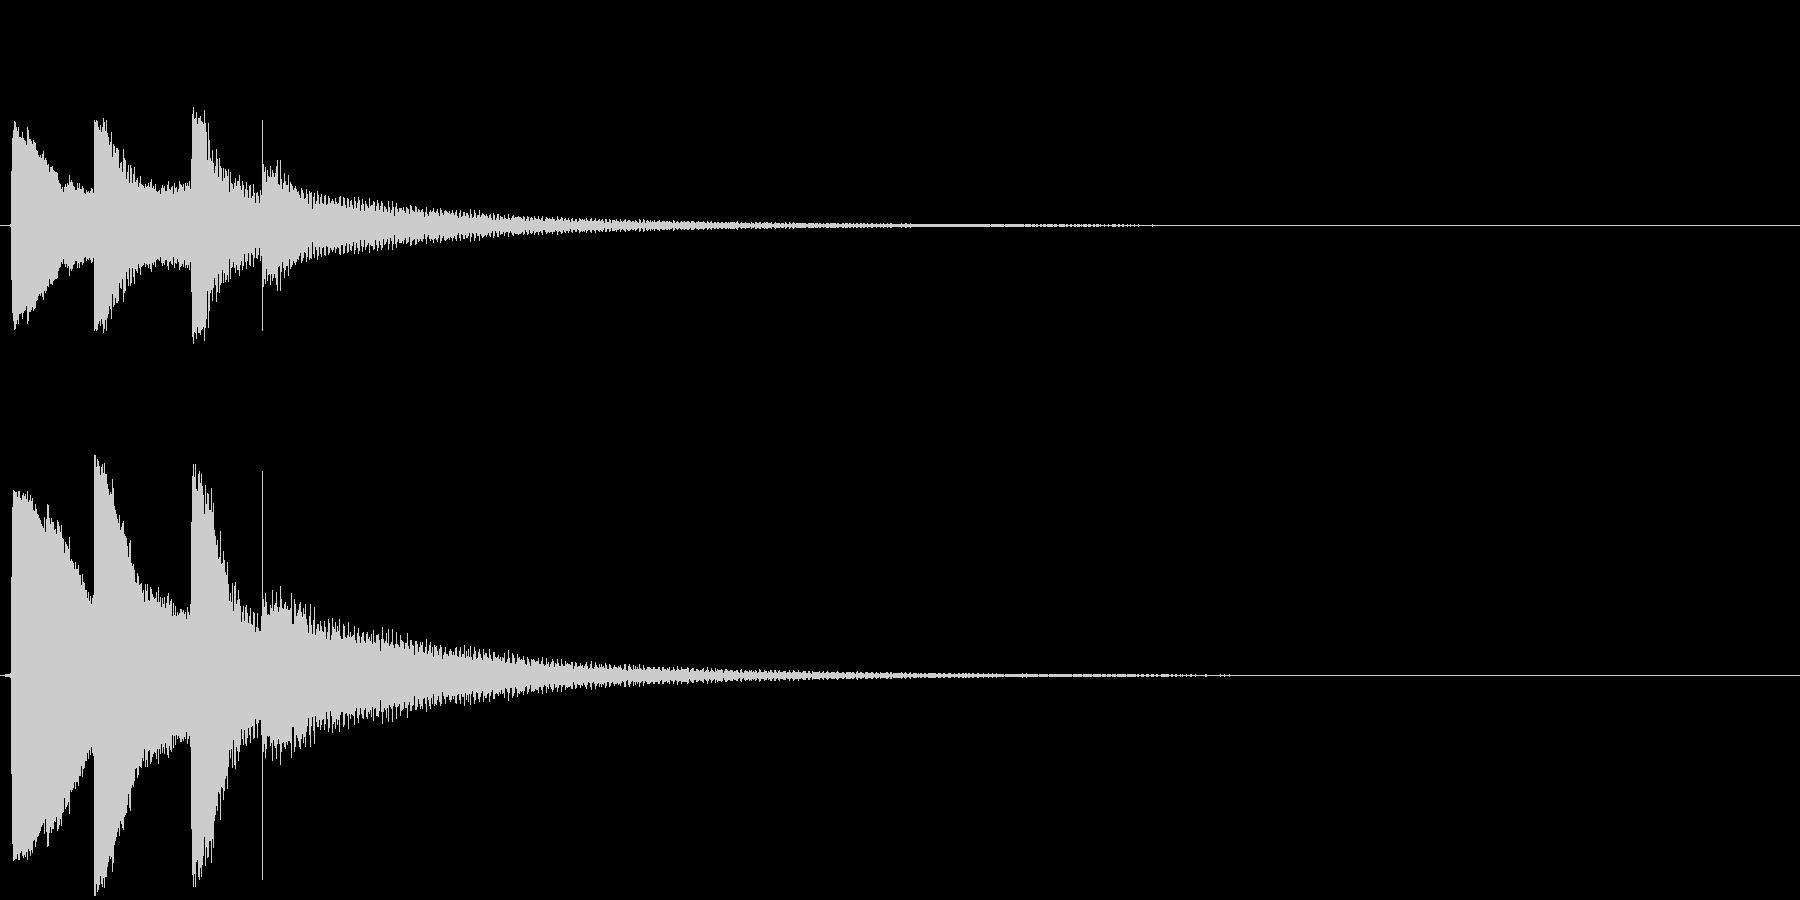 「ピポパポーン」(感づいた音、ヒント)の未再生の波形